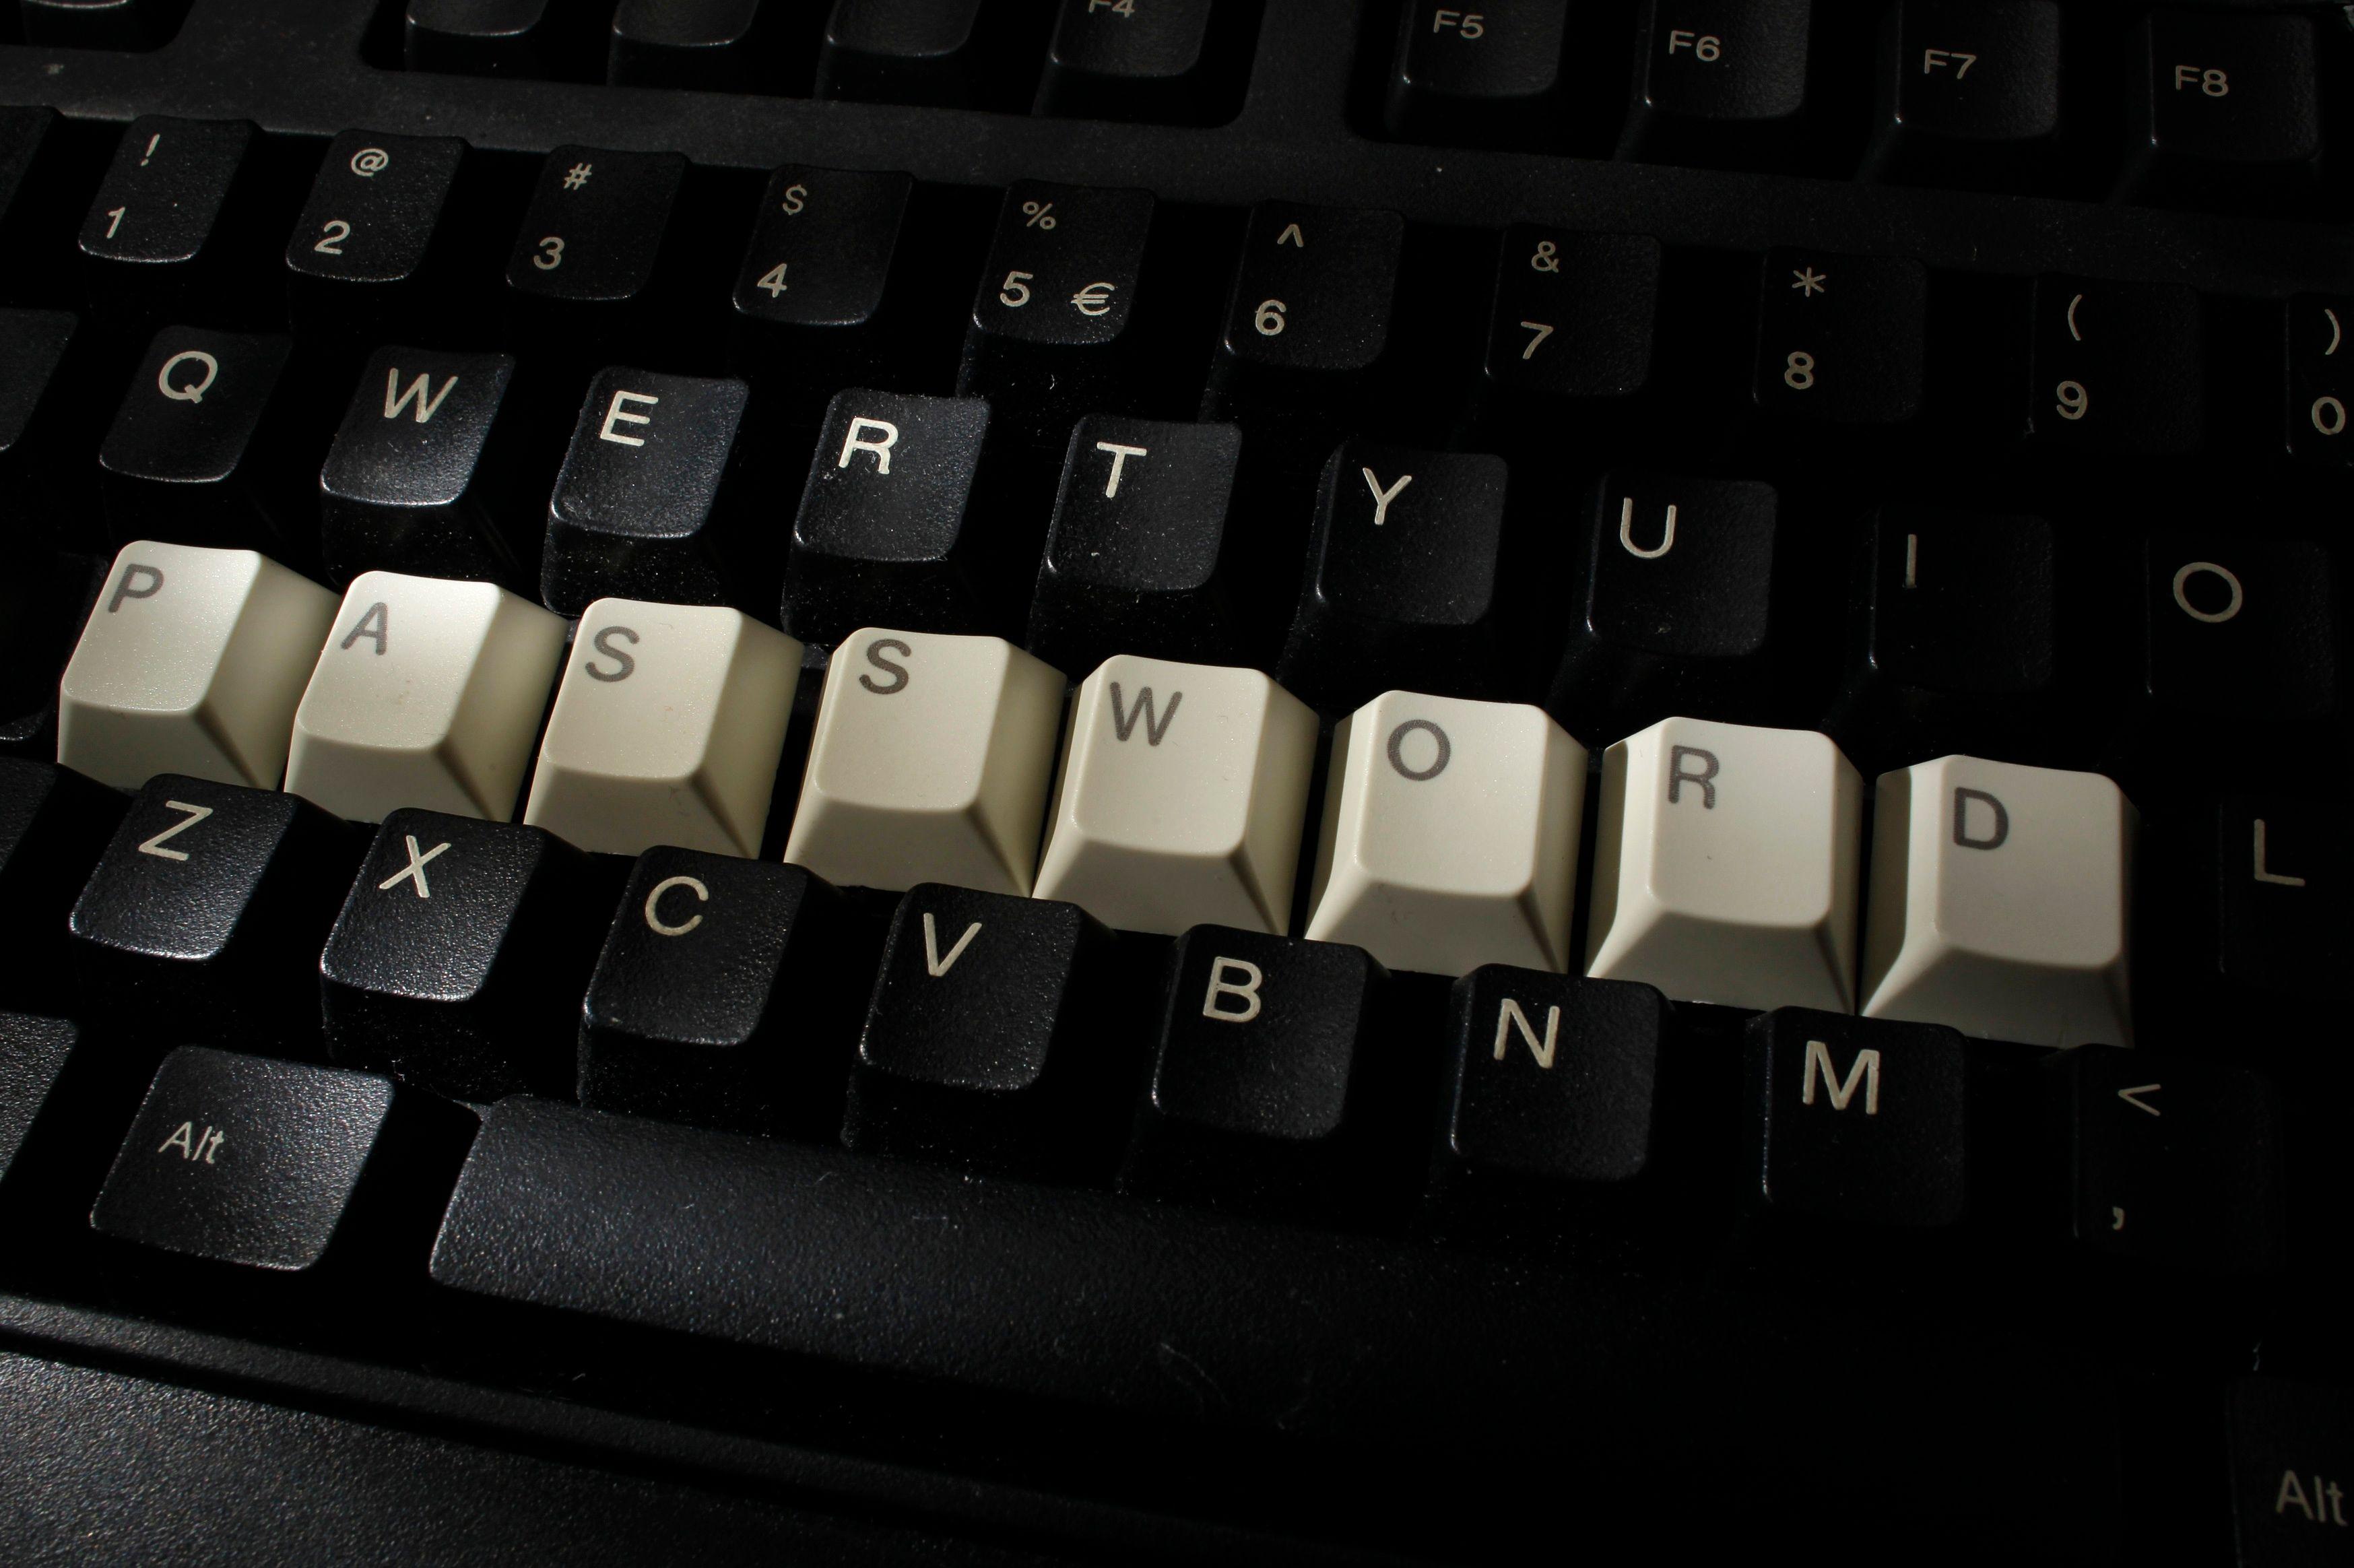 """Une étude publiée par l'institut Watchguard révèle les principales """"cyber-menaces"""" pour 2014."""